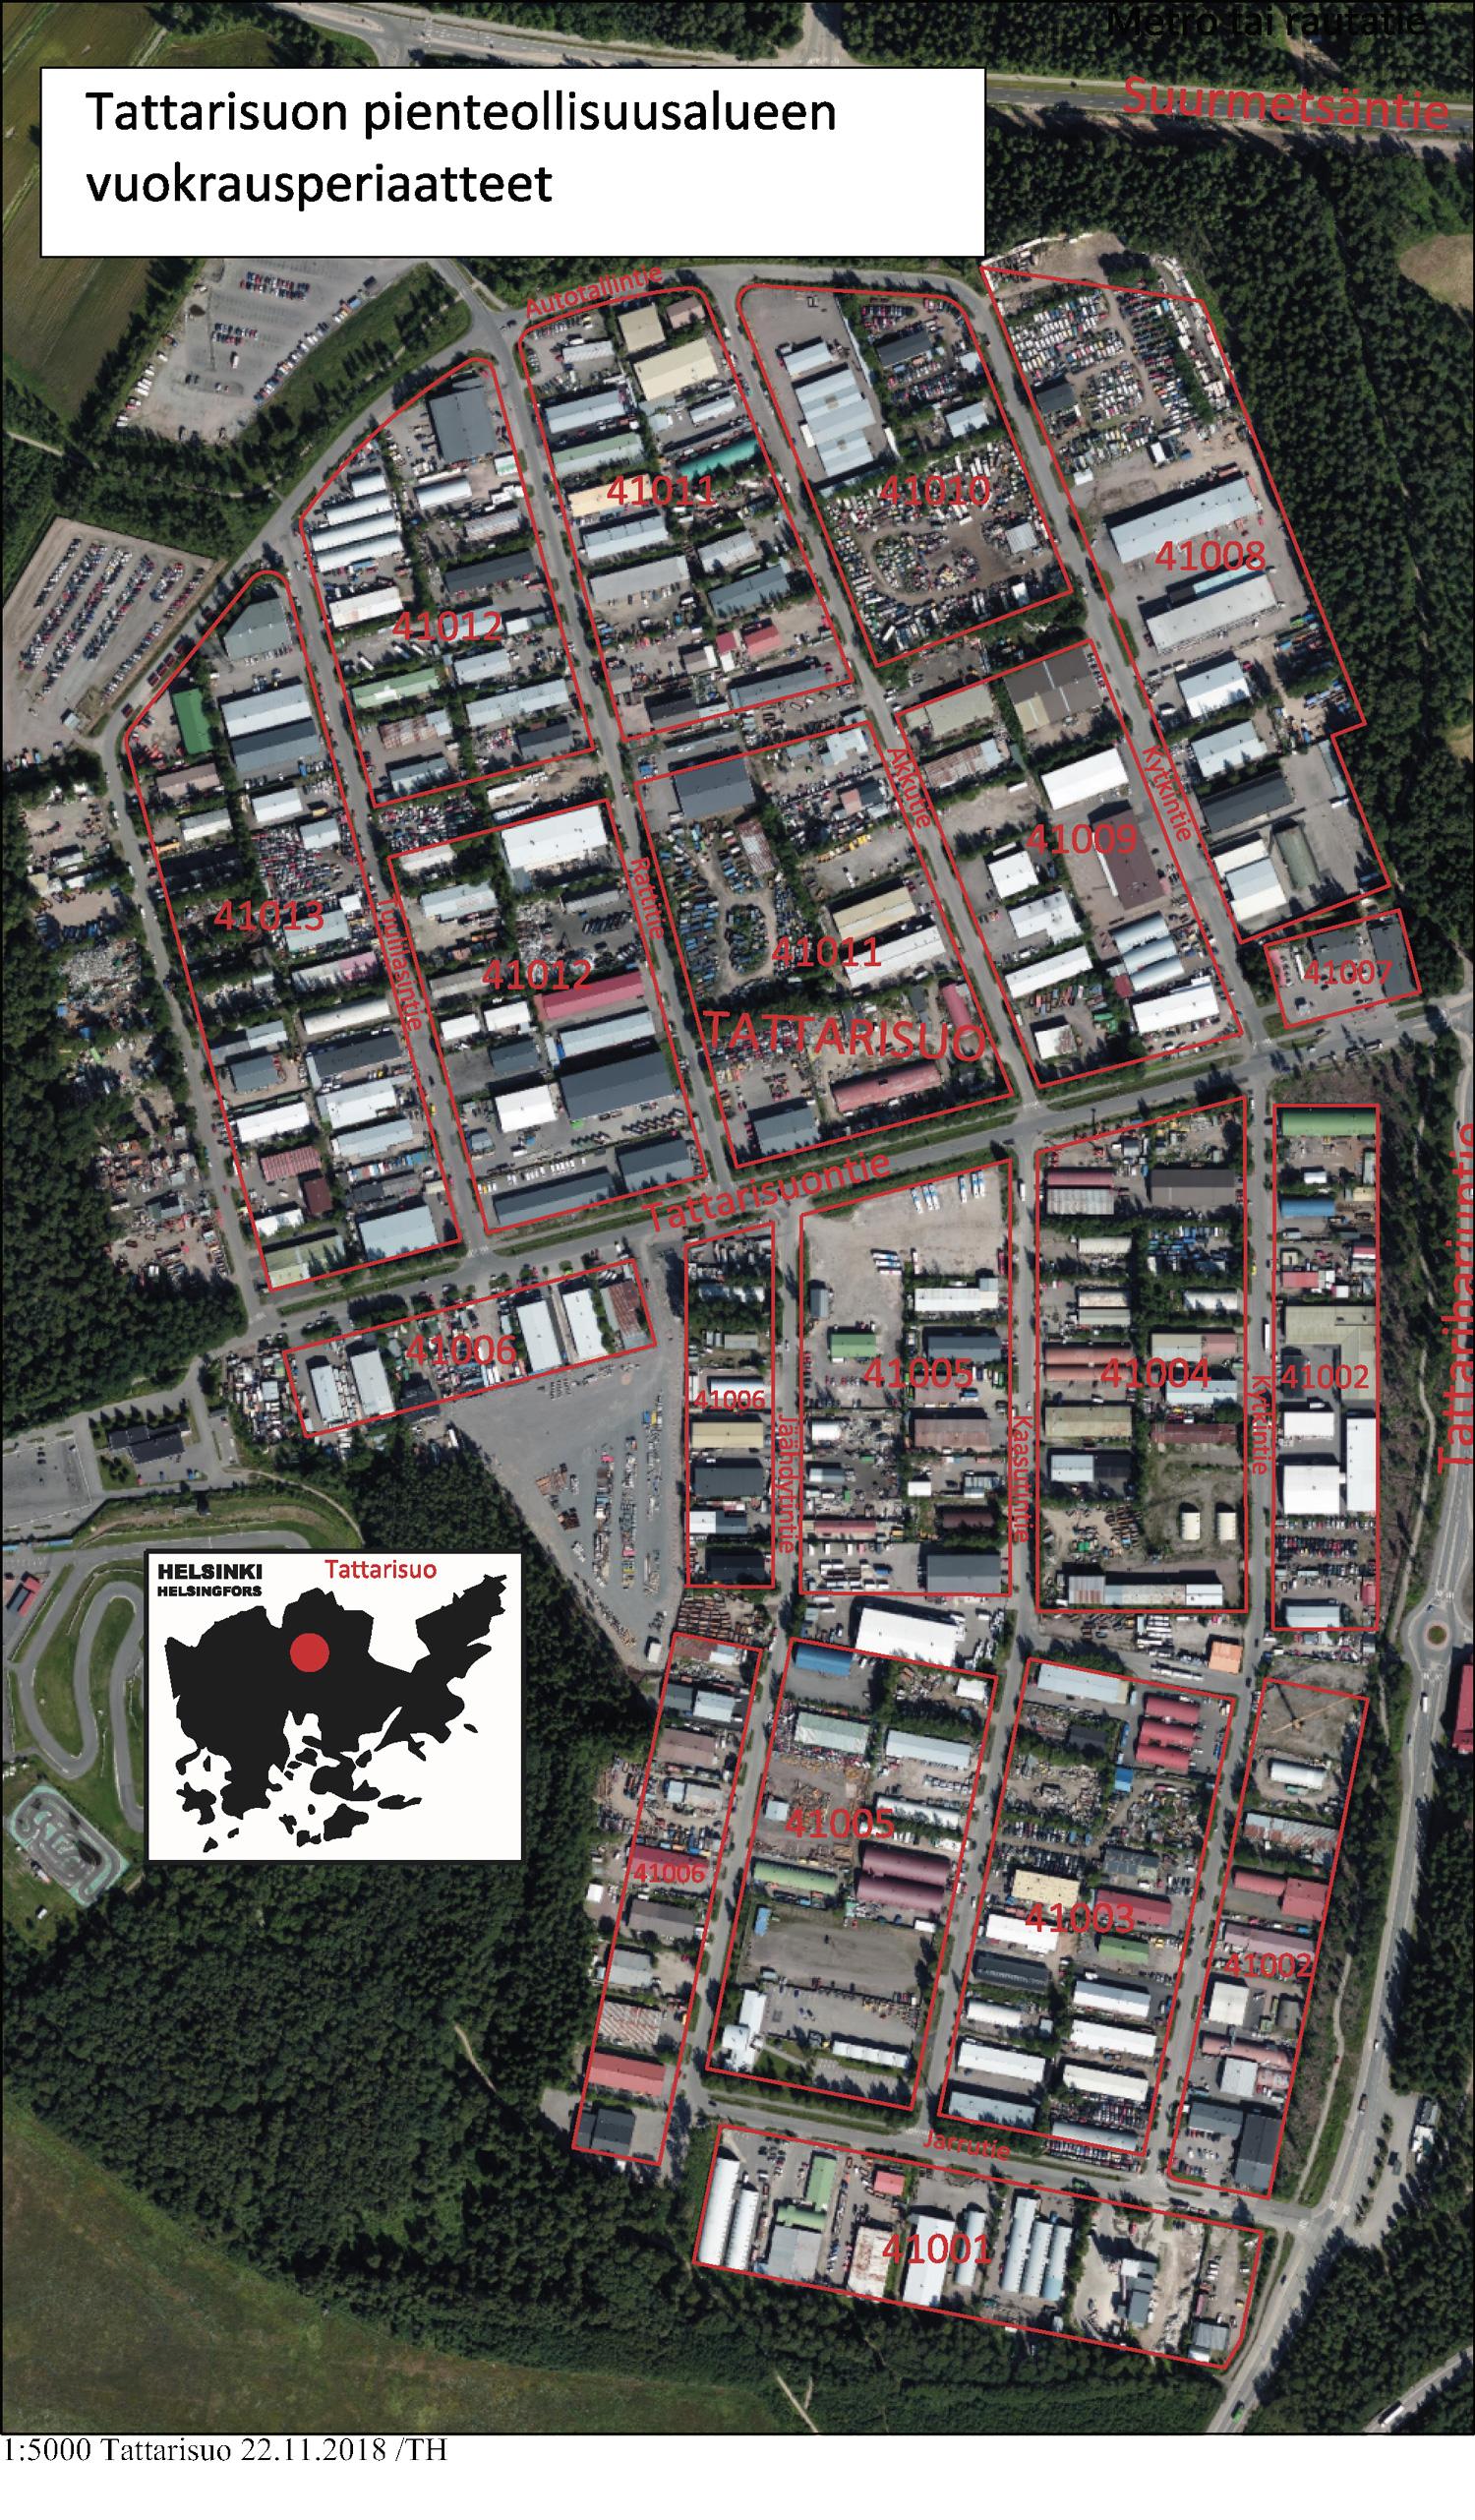 Liite 2 kartta Tattarisuon pienteollisuusalueesta